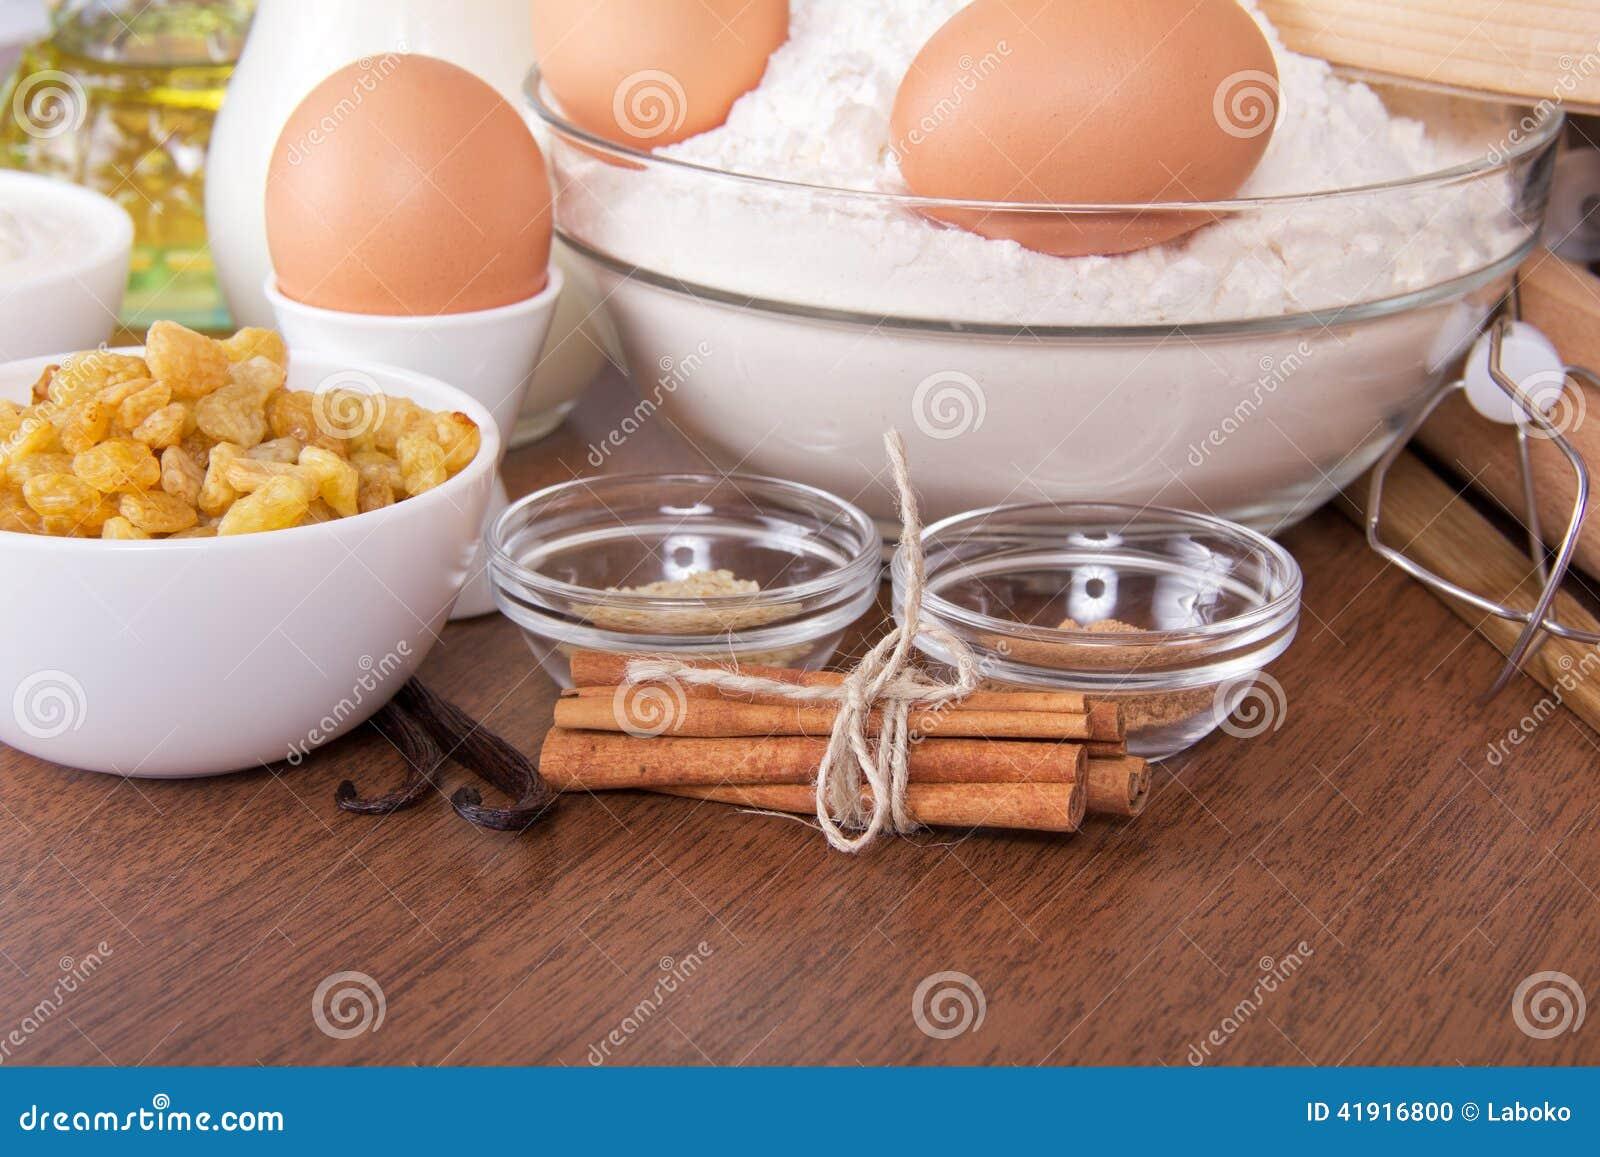 Harina, huevos, pasa, sésamo, vainilla y canela